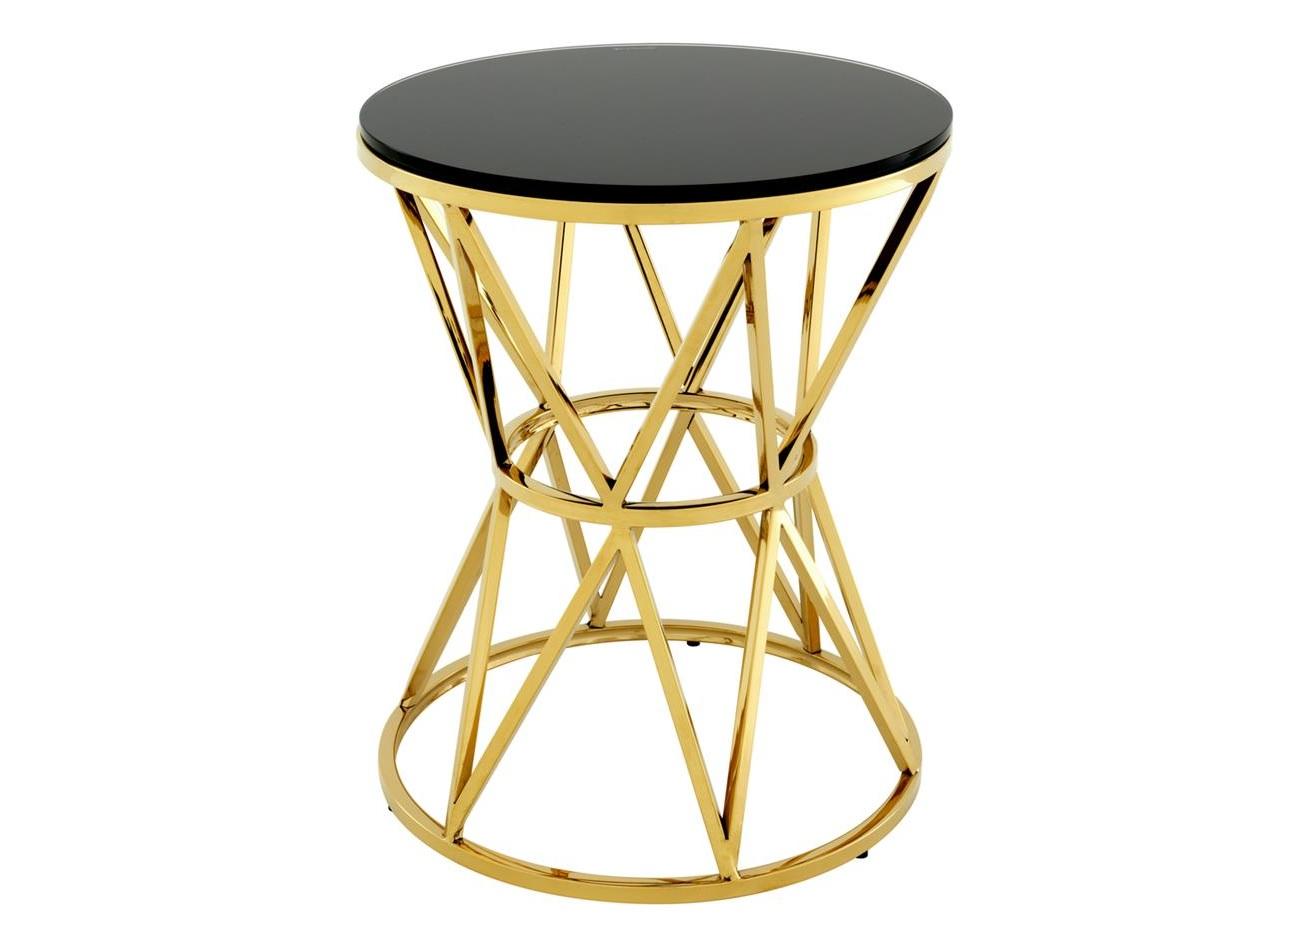 Столик DomingoКофейные столики<br>Столик &amp;quot;Domingo&amp;quot; выполнен из металла золотого цвета. Столешница из плотного черного стекла.<br><br>Material: Металл<br>Высота см: 55